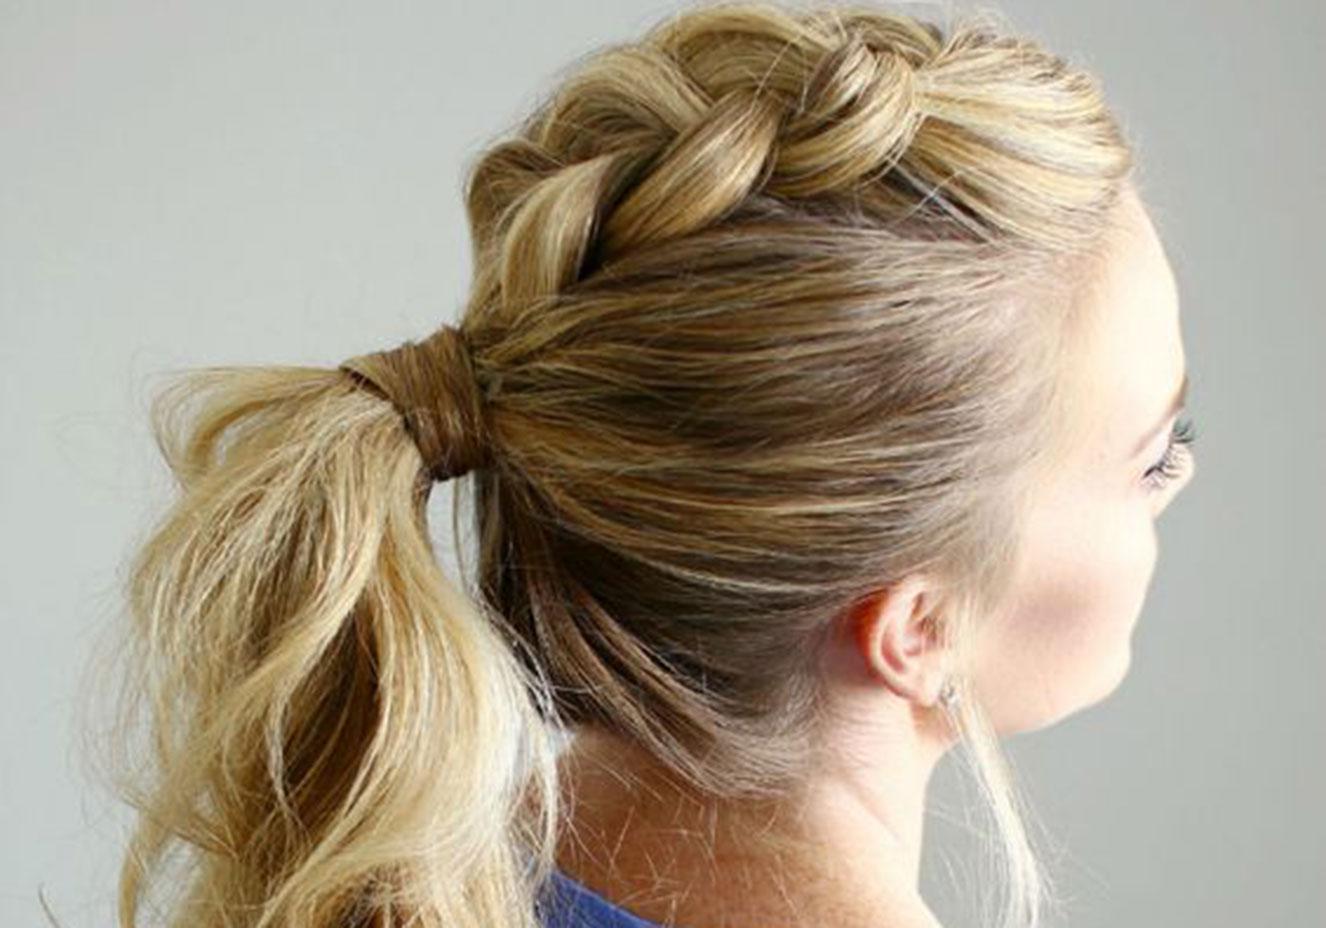 5 Penteados Fáceis de Fazer em Casa